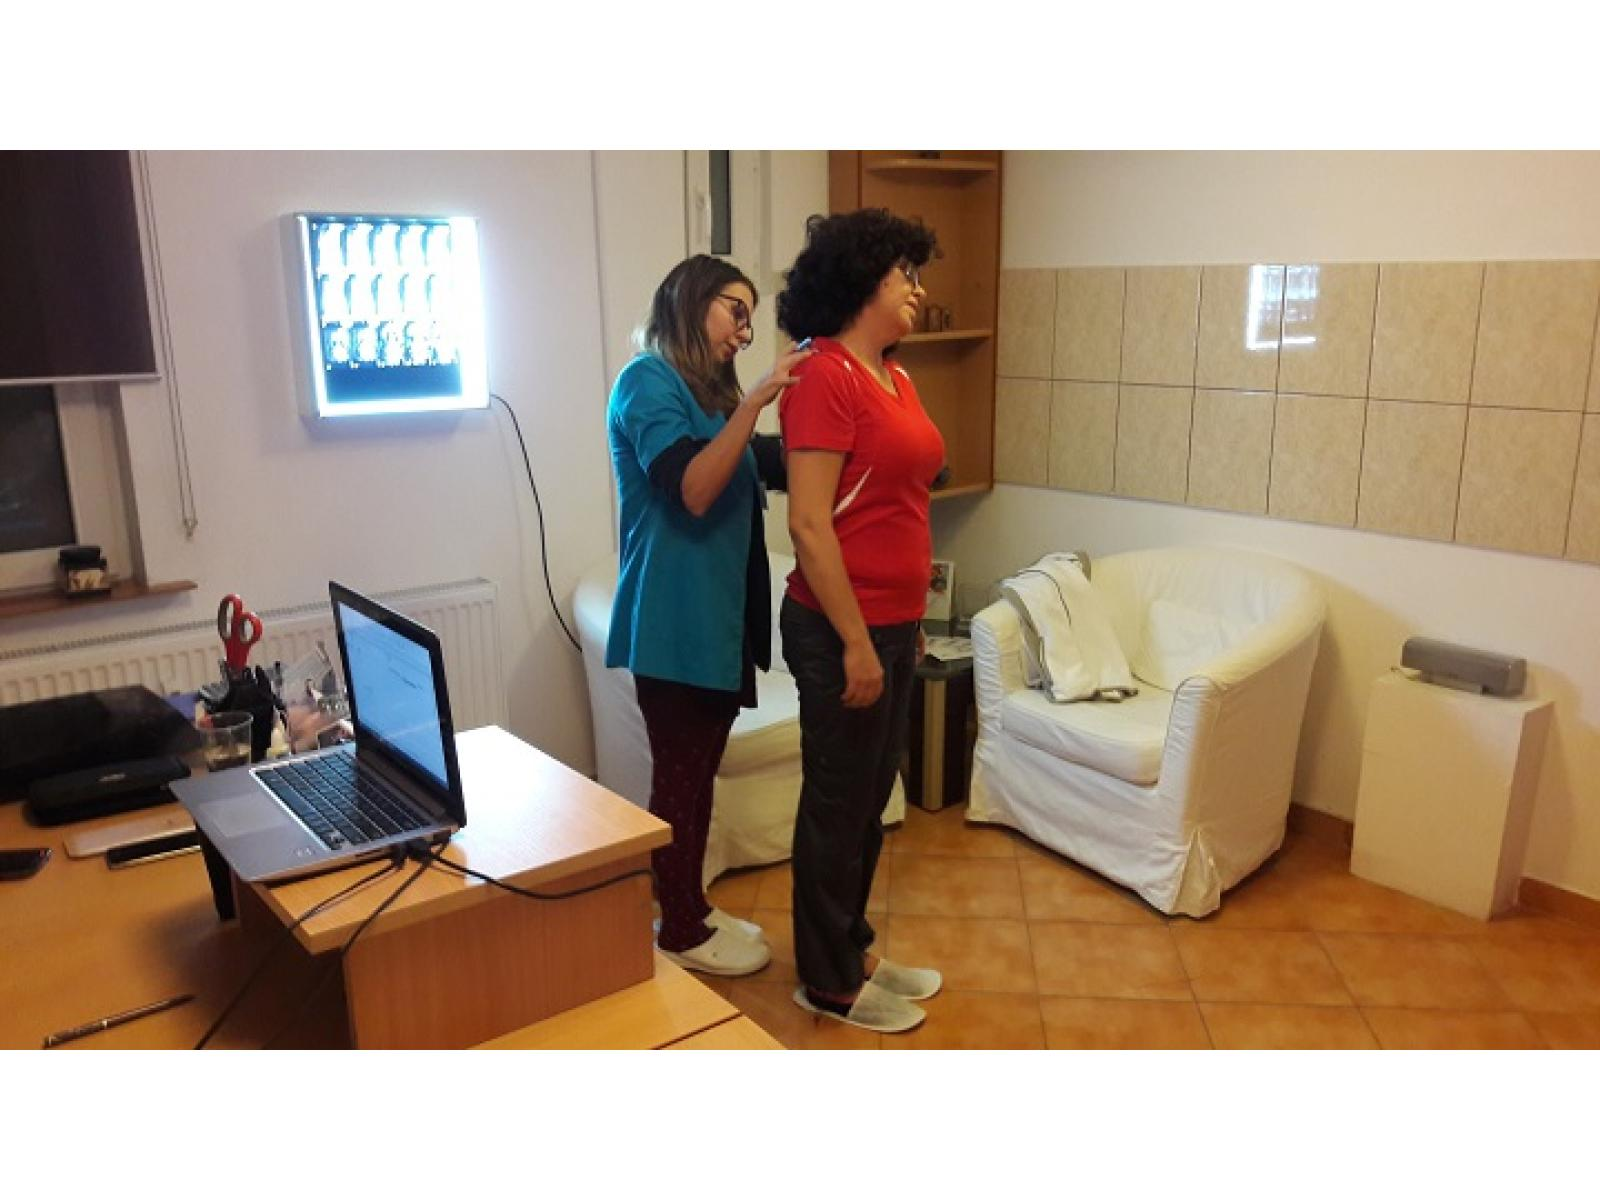 LITherapy - Consultație_&_Recomandare_Tratament_-_Evaluarea_Fizică_a_Pacientului.jpg